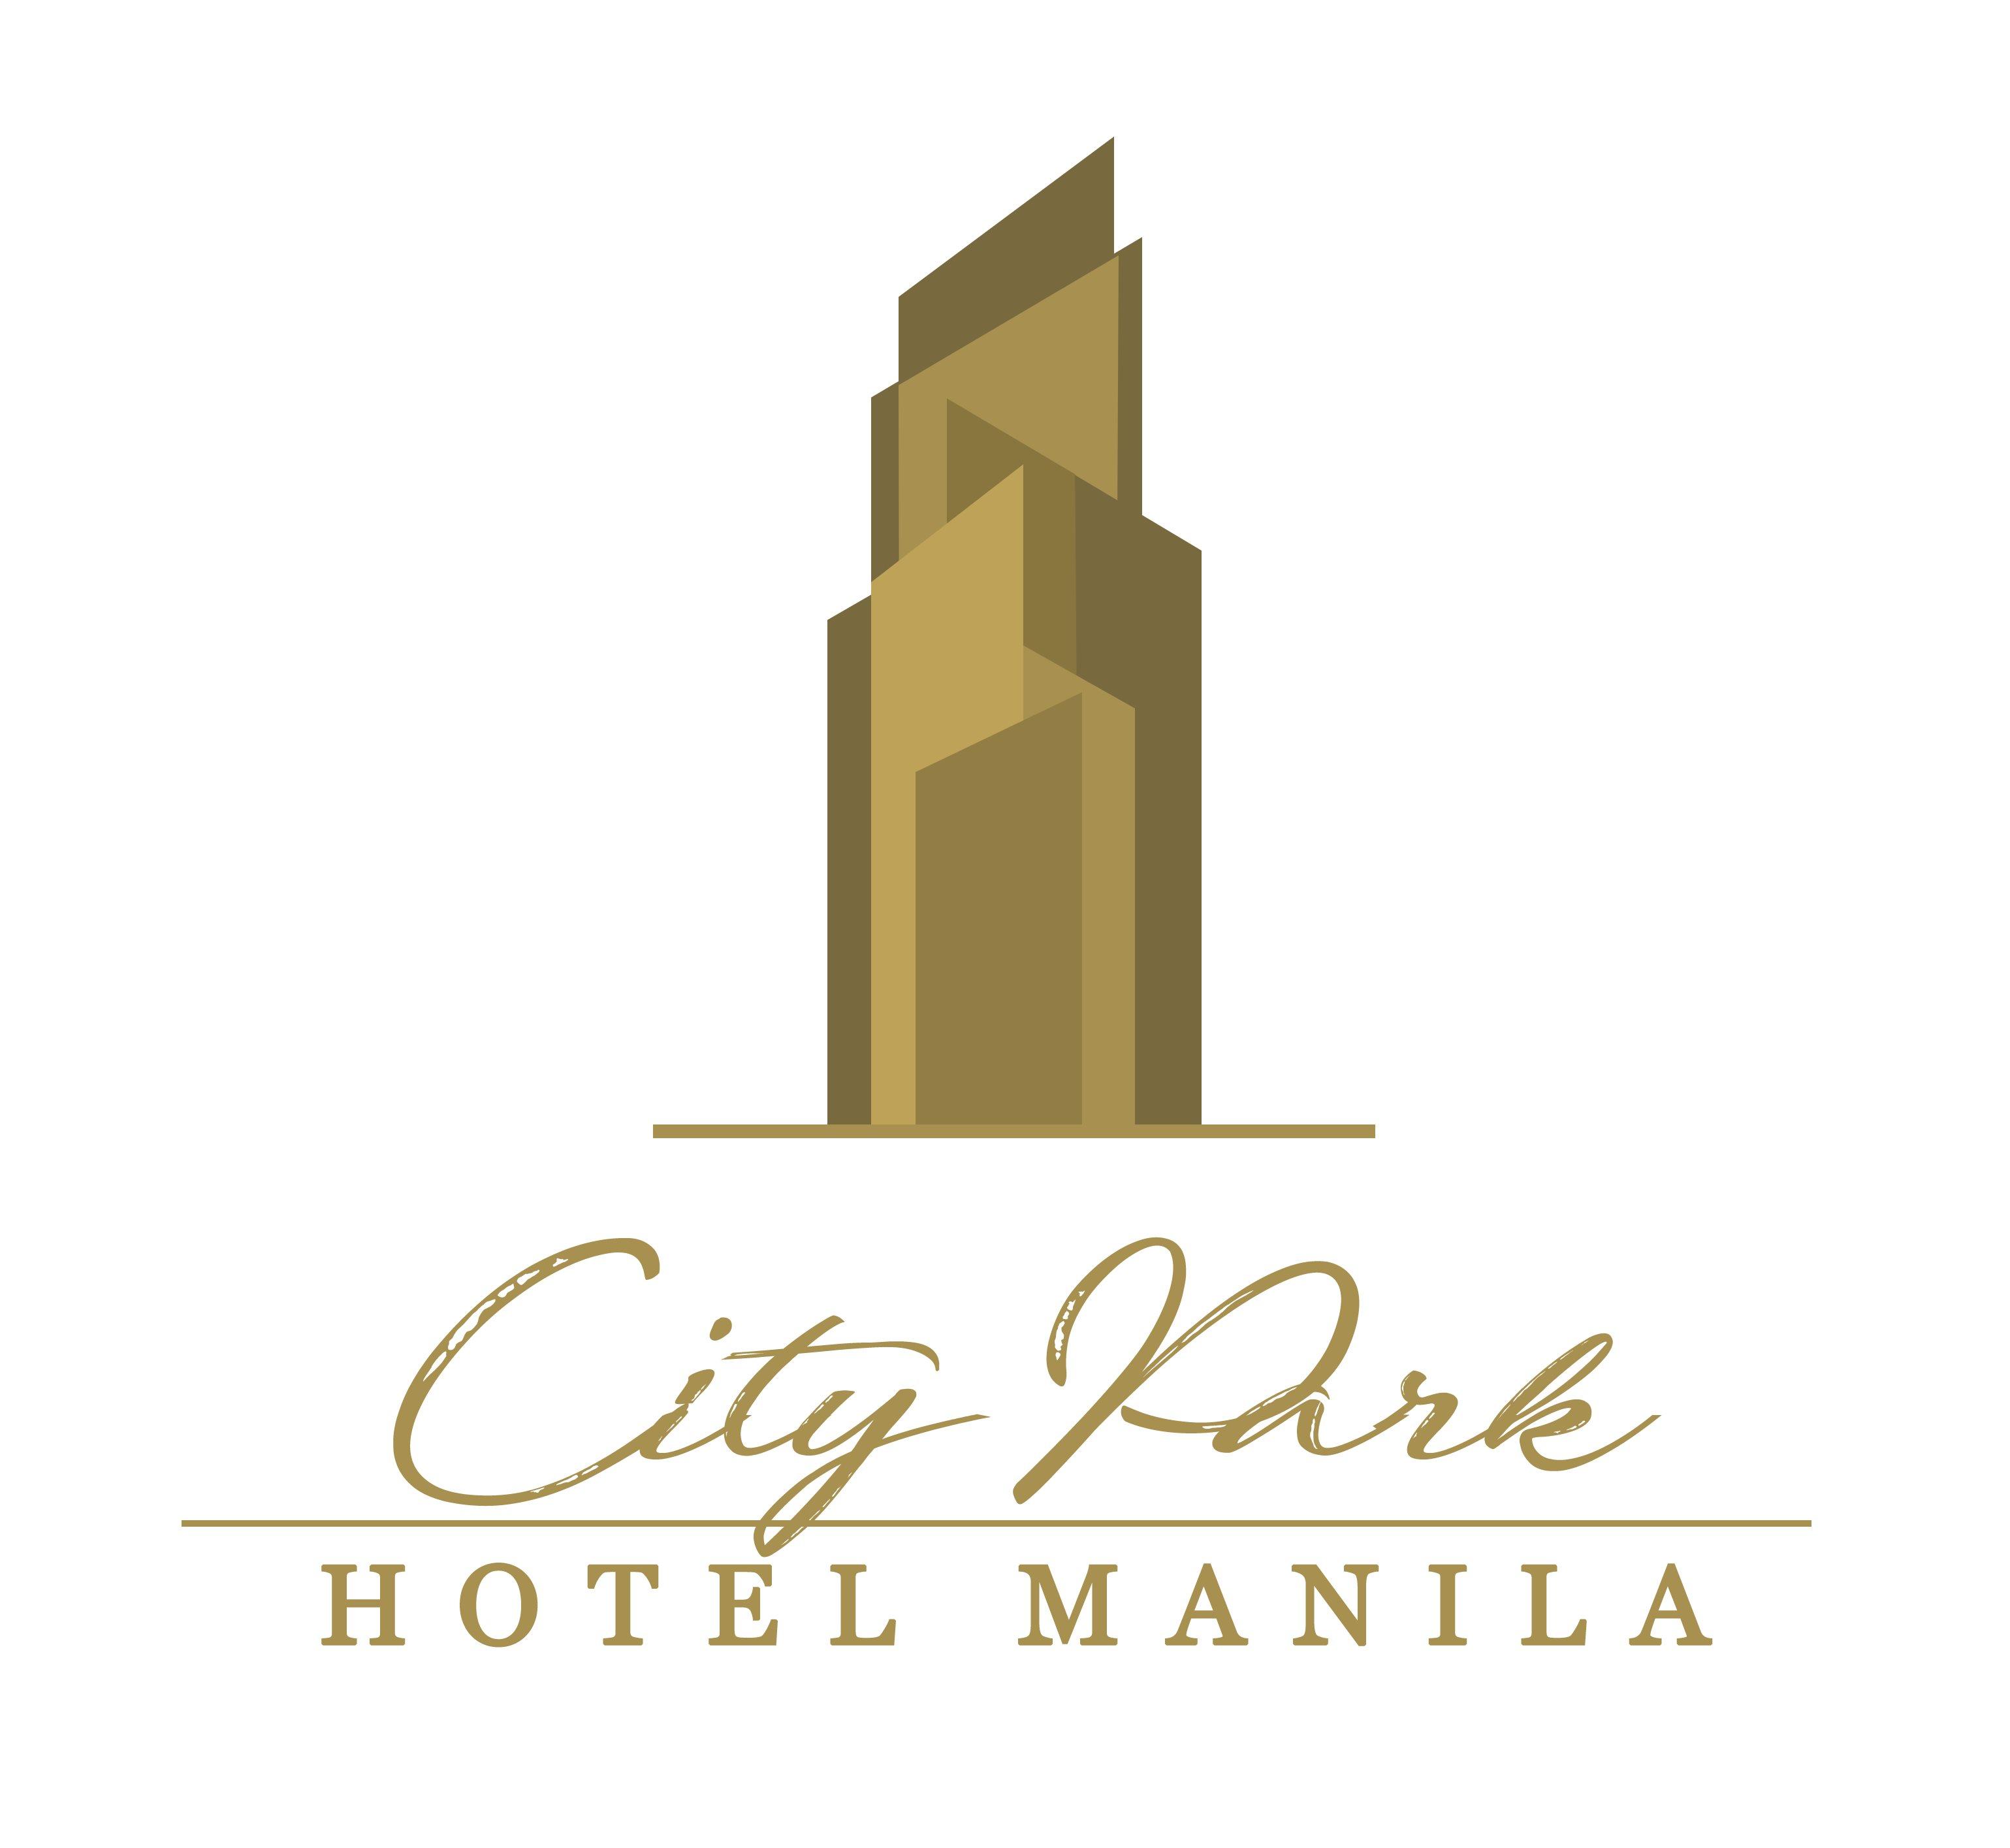 CITY PARK HOTEL MANILA